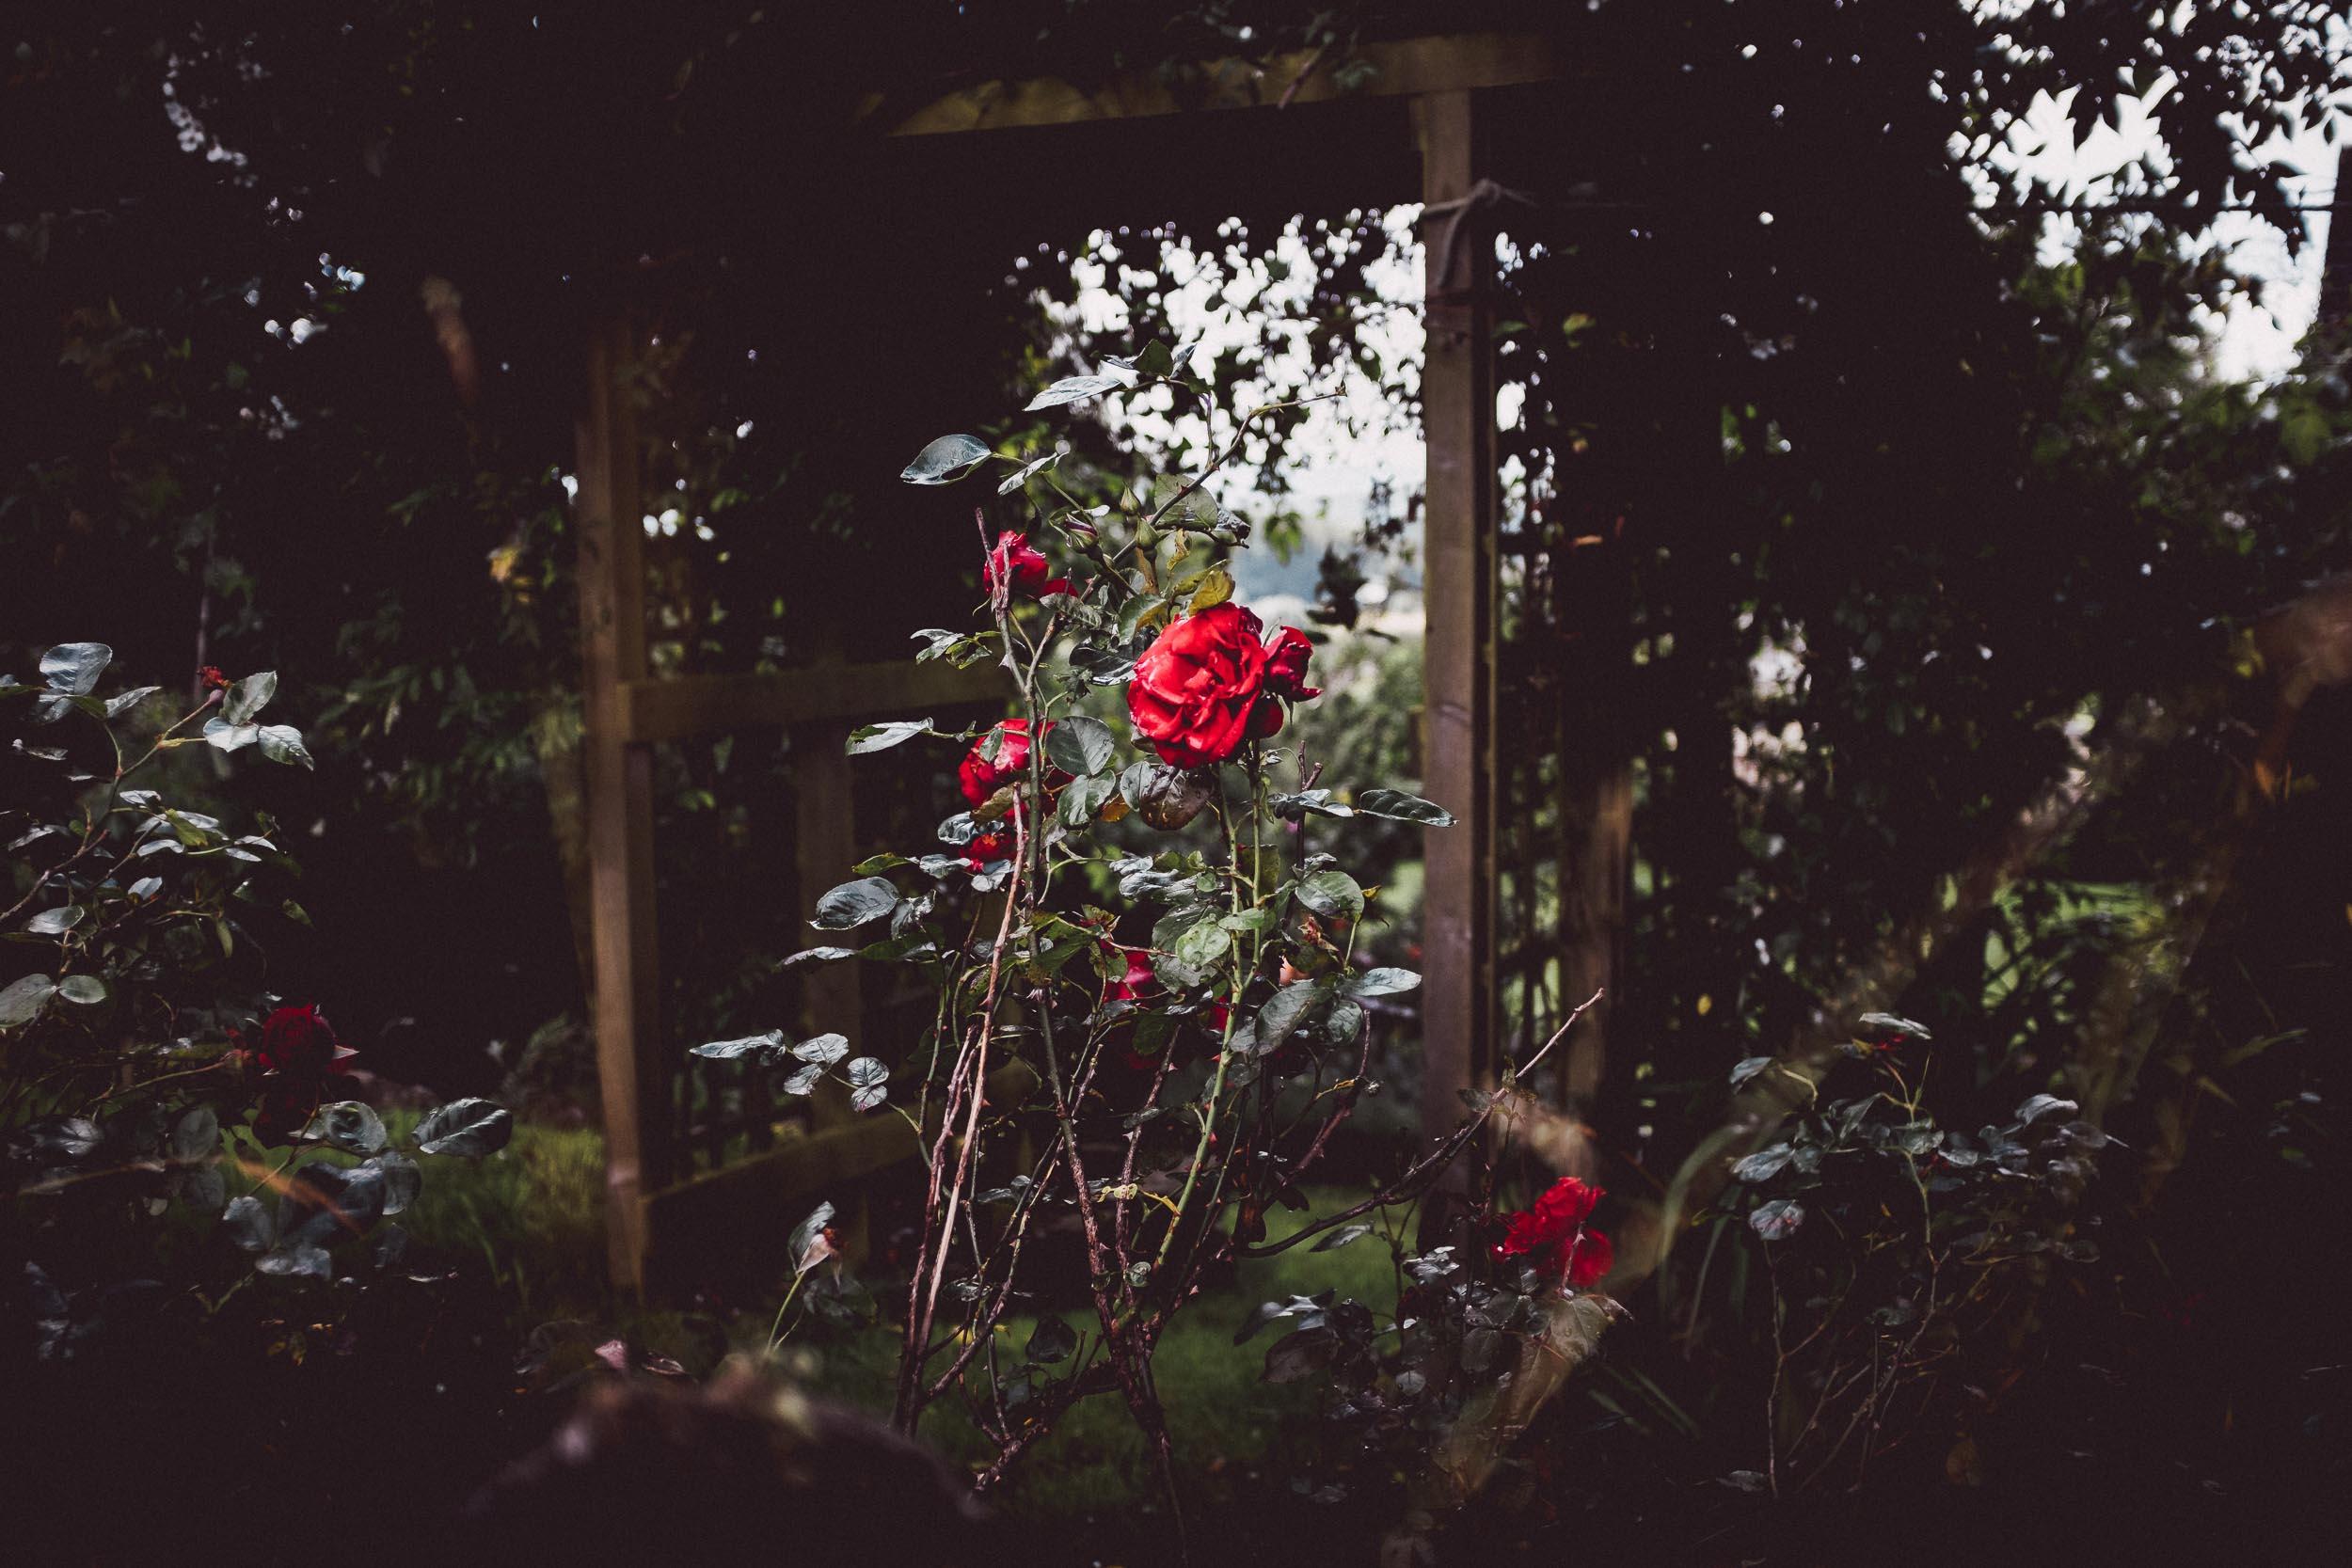 Roses in a strangers garden